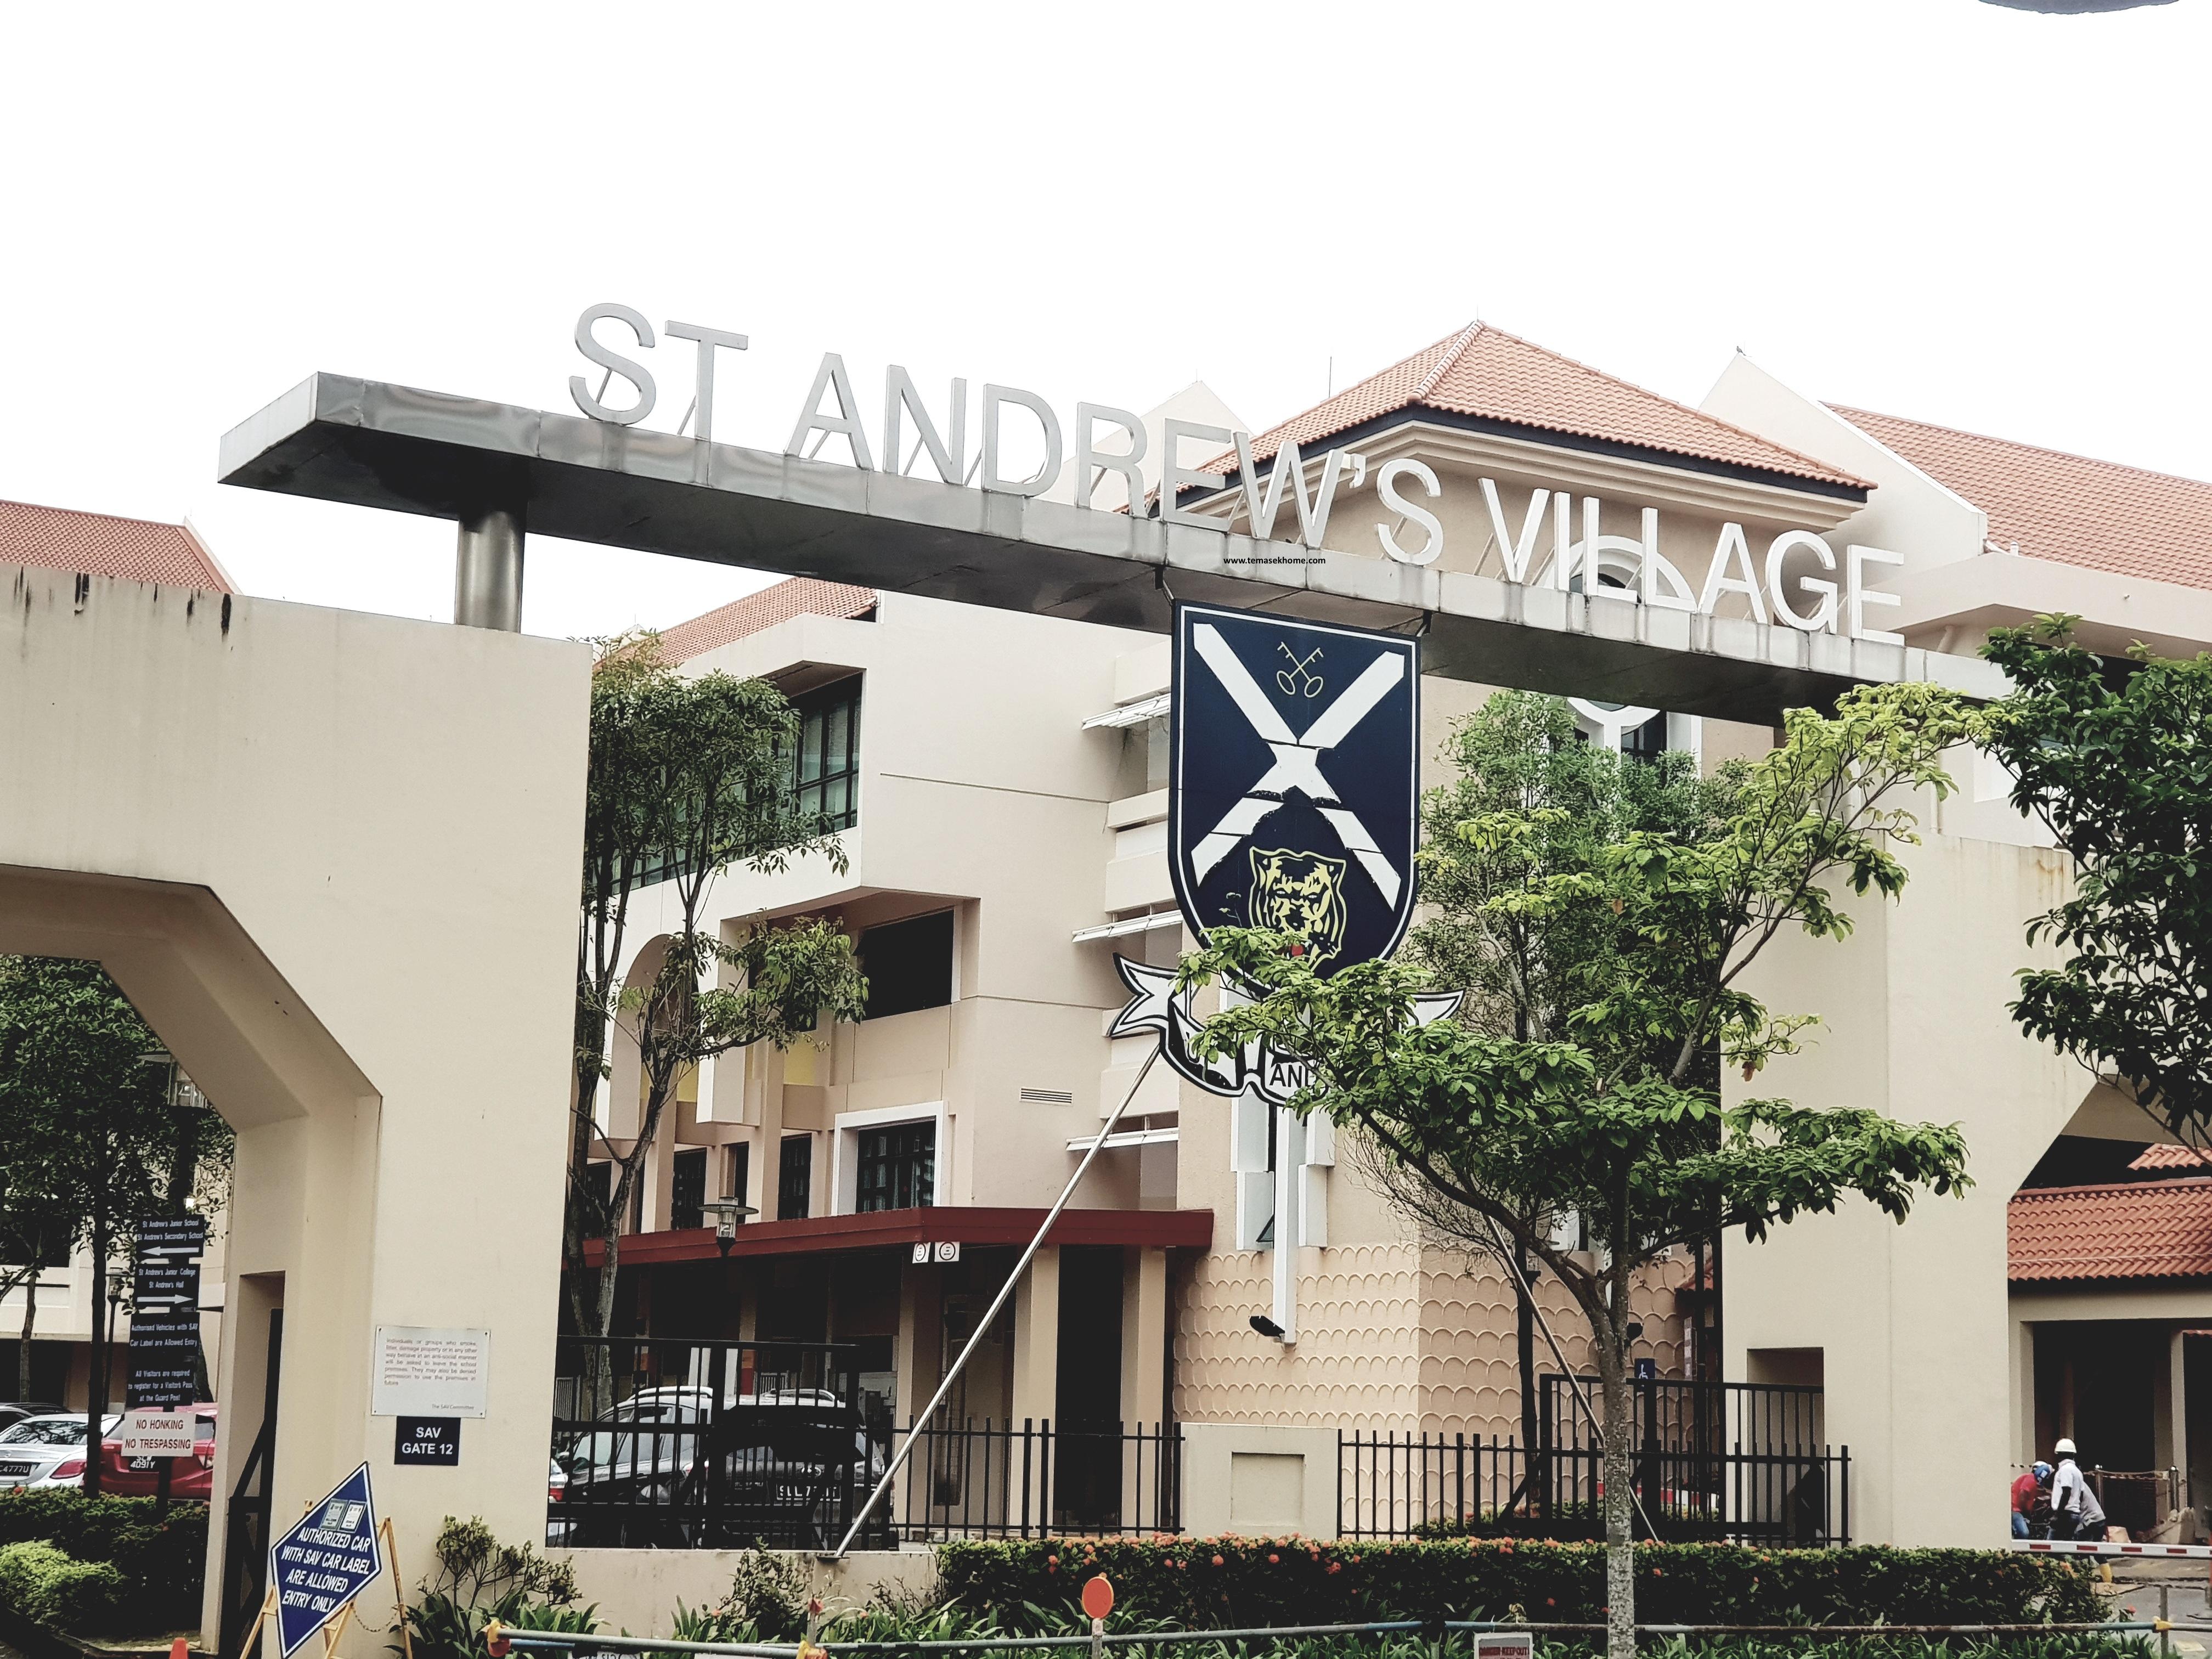 Tre Ver Condo near Potong Pasir MRT, Tre Ver Condo at St Andrew Village, Tre Ver Condo fronting Kallang River